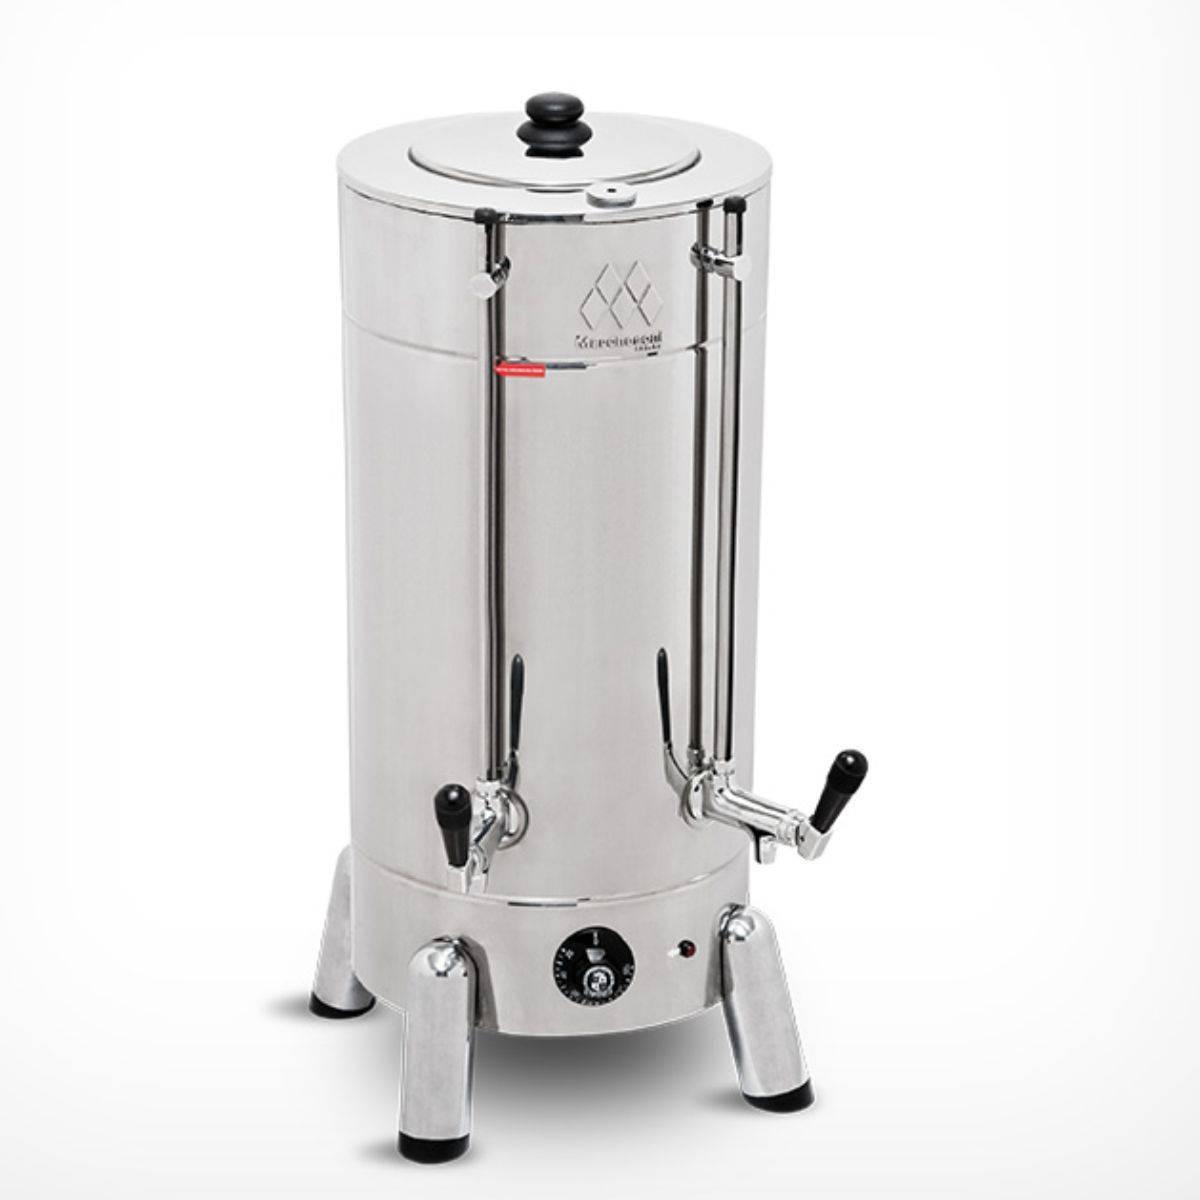 Cafeteira Elétrica Tradicional 6 Litros Marchesoni - Magazine do Chef